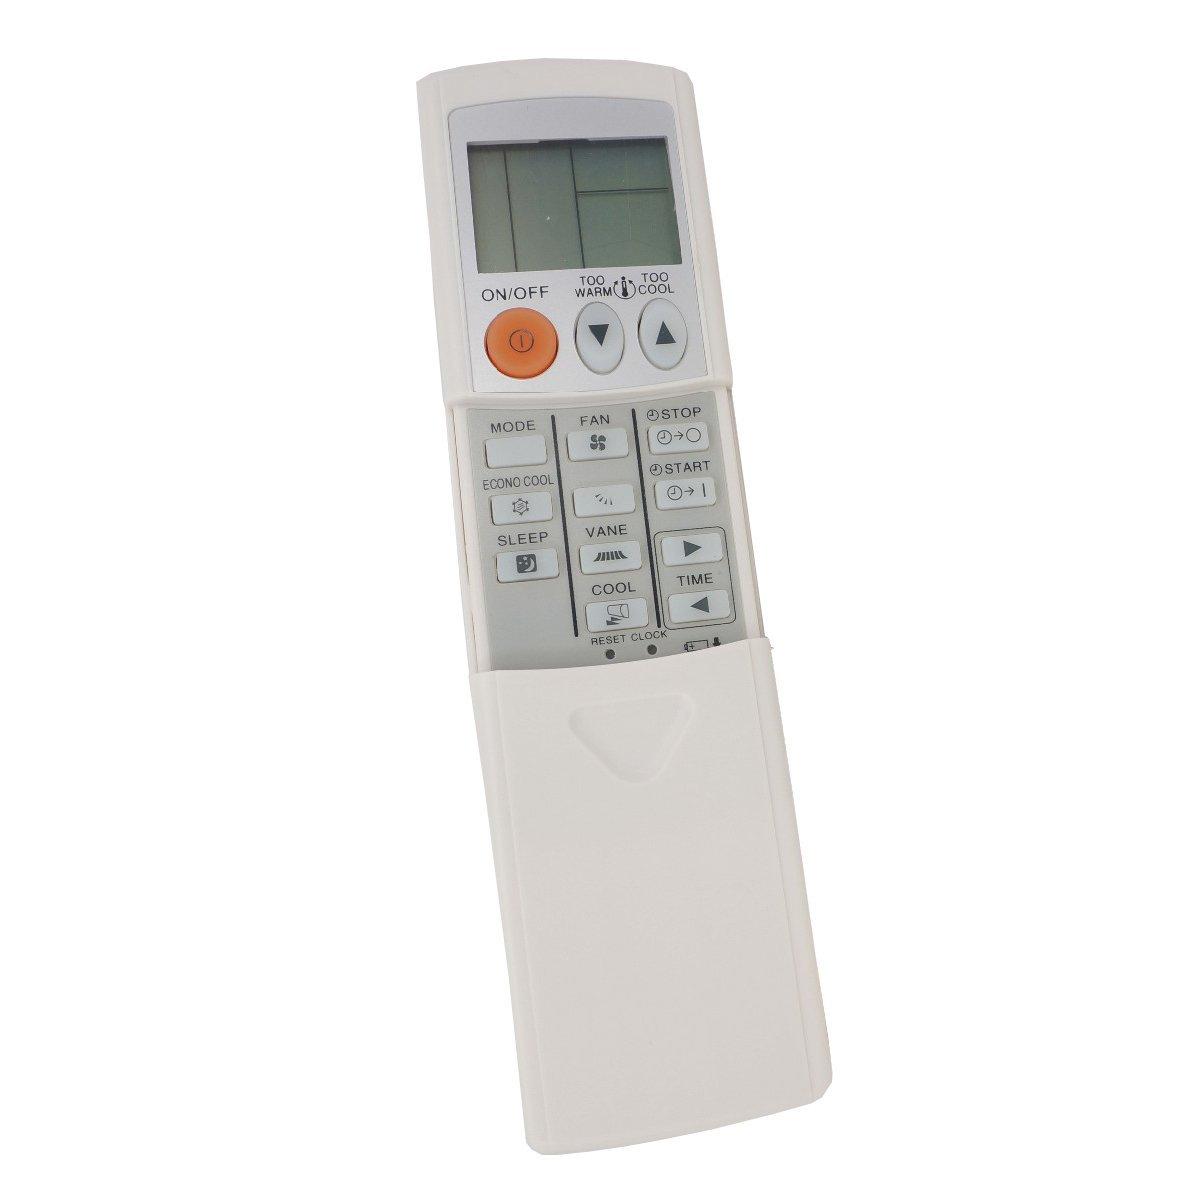 Mitsubishi Electric Remote >> Mitsubishi Electric Mr Slim E12c29426 Replacement Remote Km07m